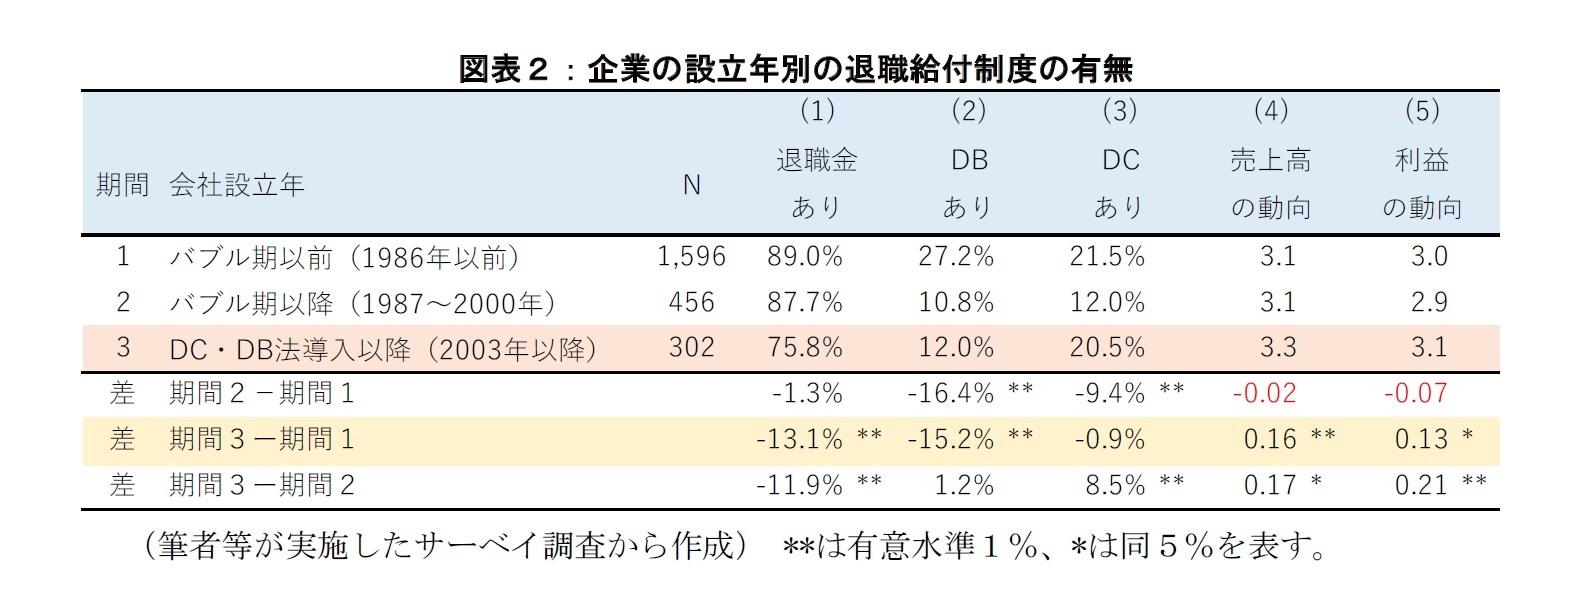 図表2:企業の設立年別の退職給付制度の有無